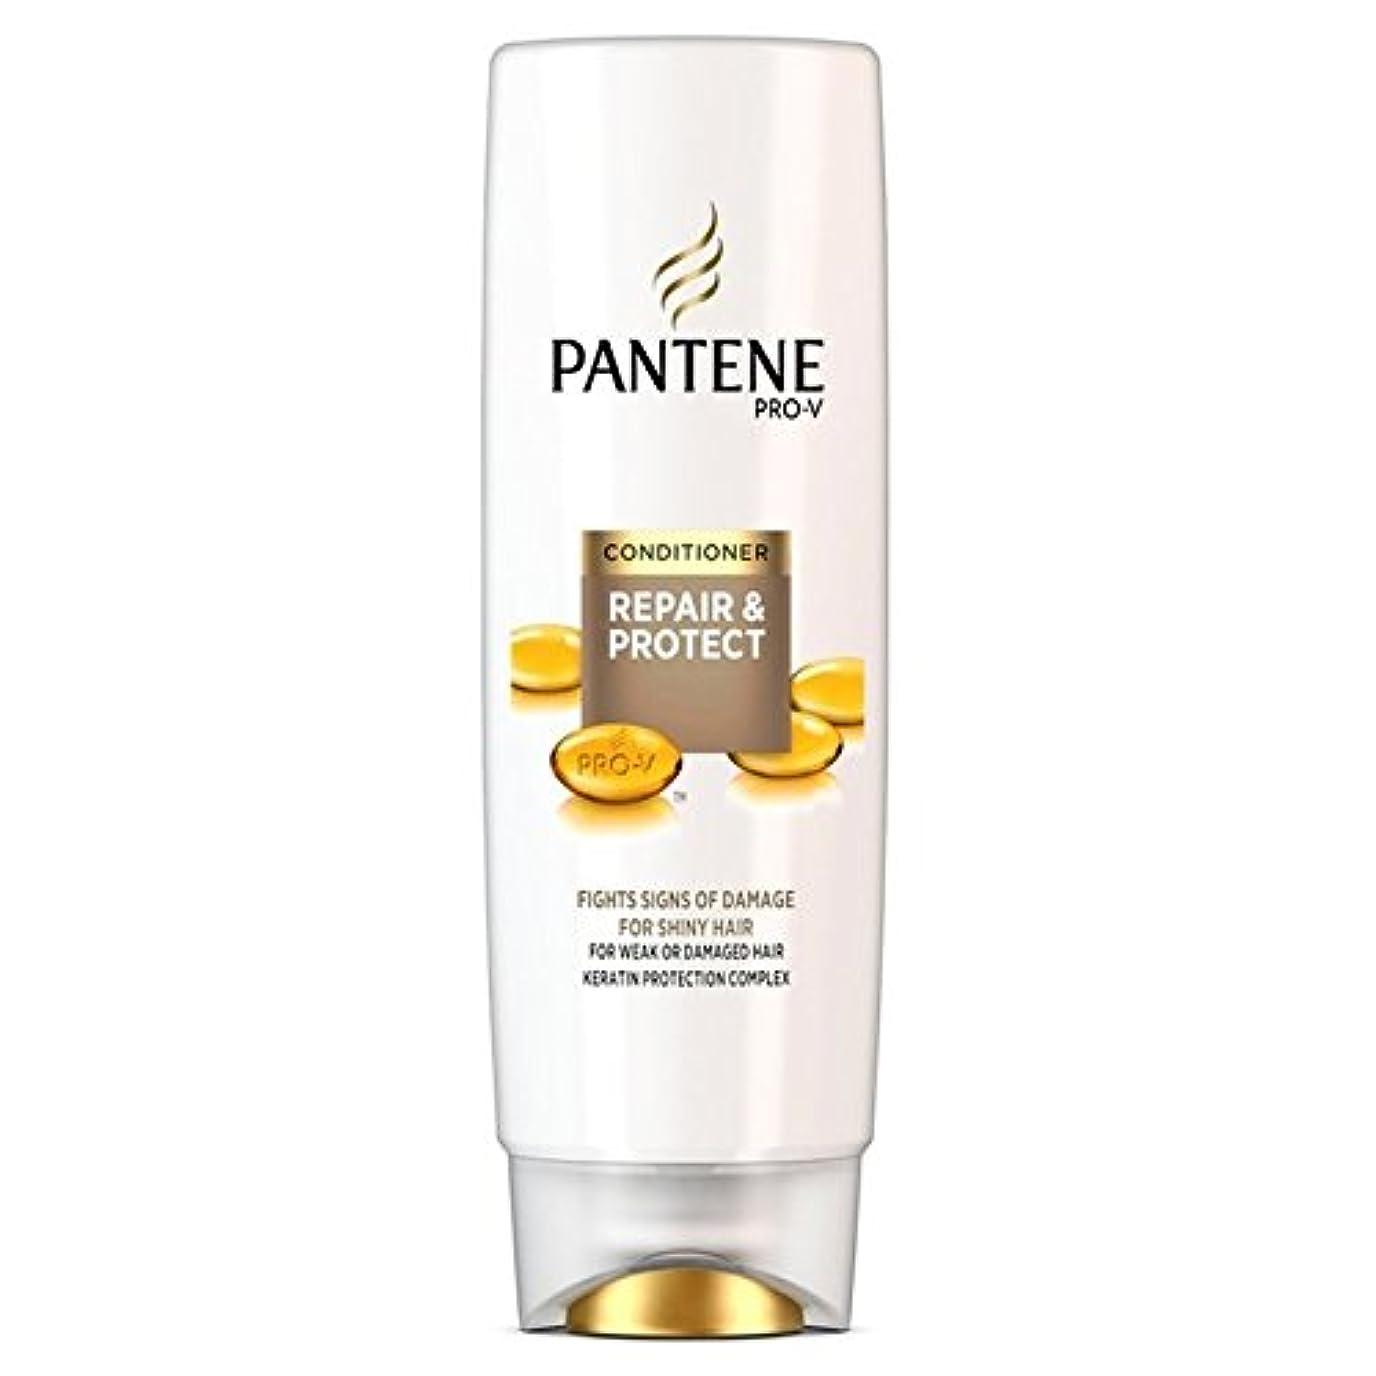 あたりブレンドリベラルパンテーンコンディショナーの修理&弱いか、傷んだ髪の250ミリリットルのための保護 x4 - Pantene Conditioner Repair & Protect For Weak Or Damaged Hair 250ml (Pack of 4) [並行輸入品]